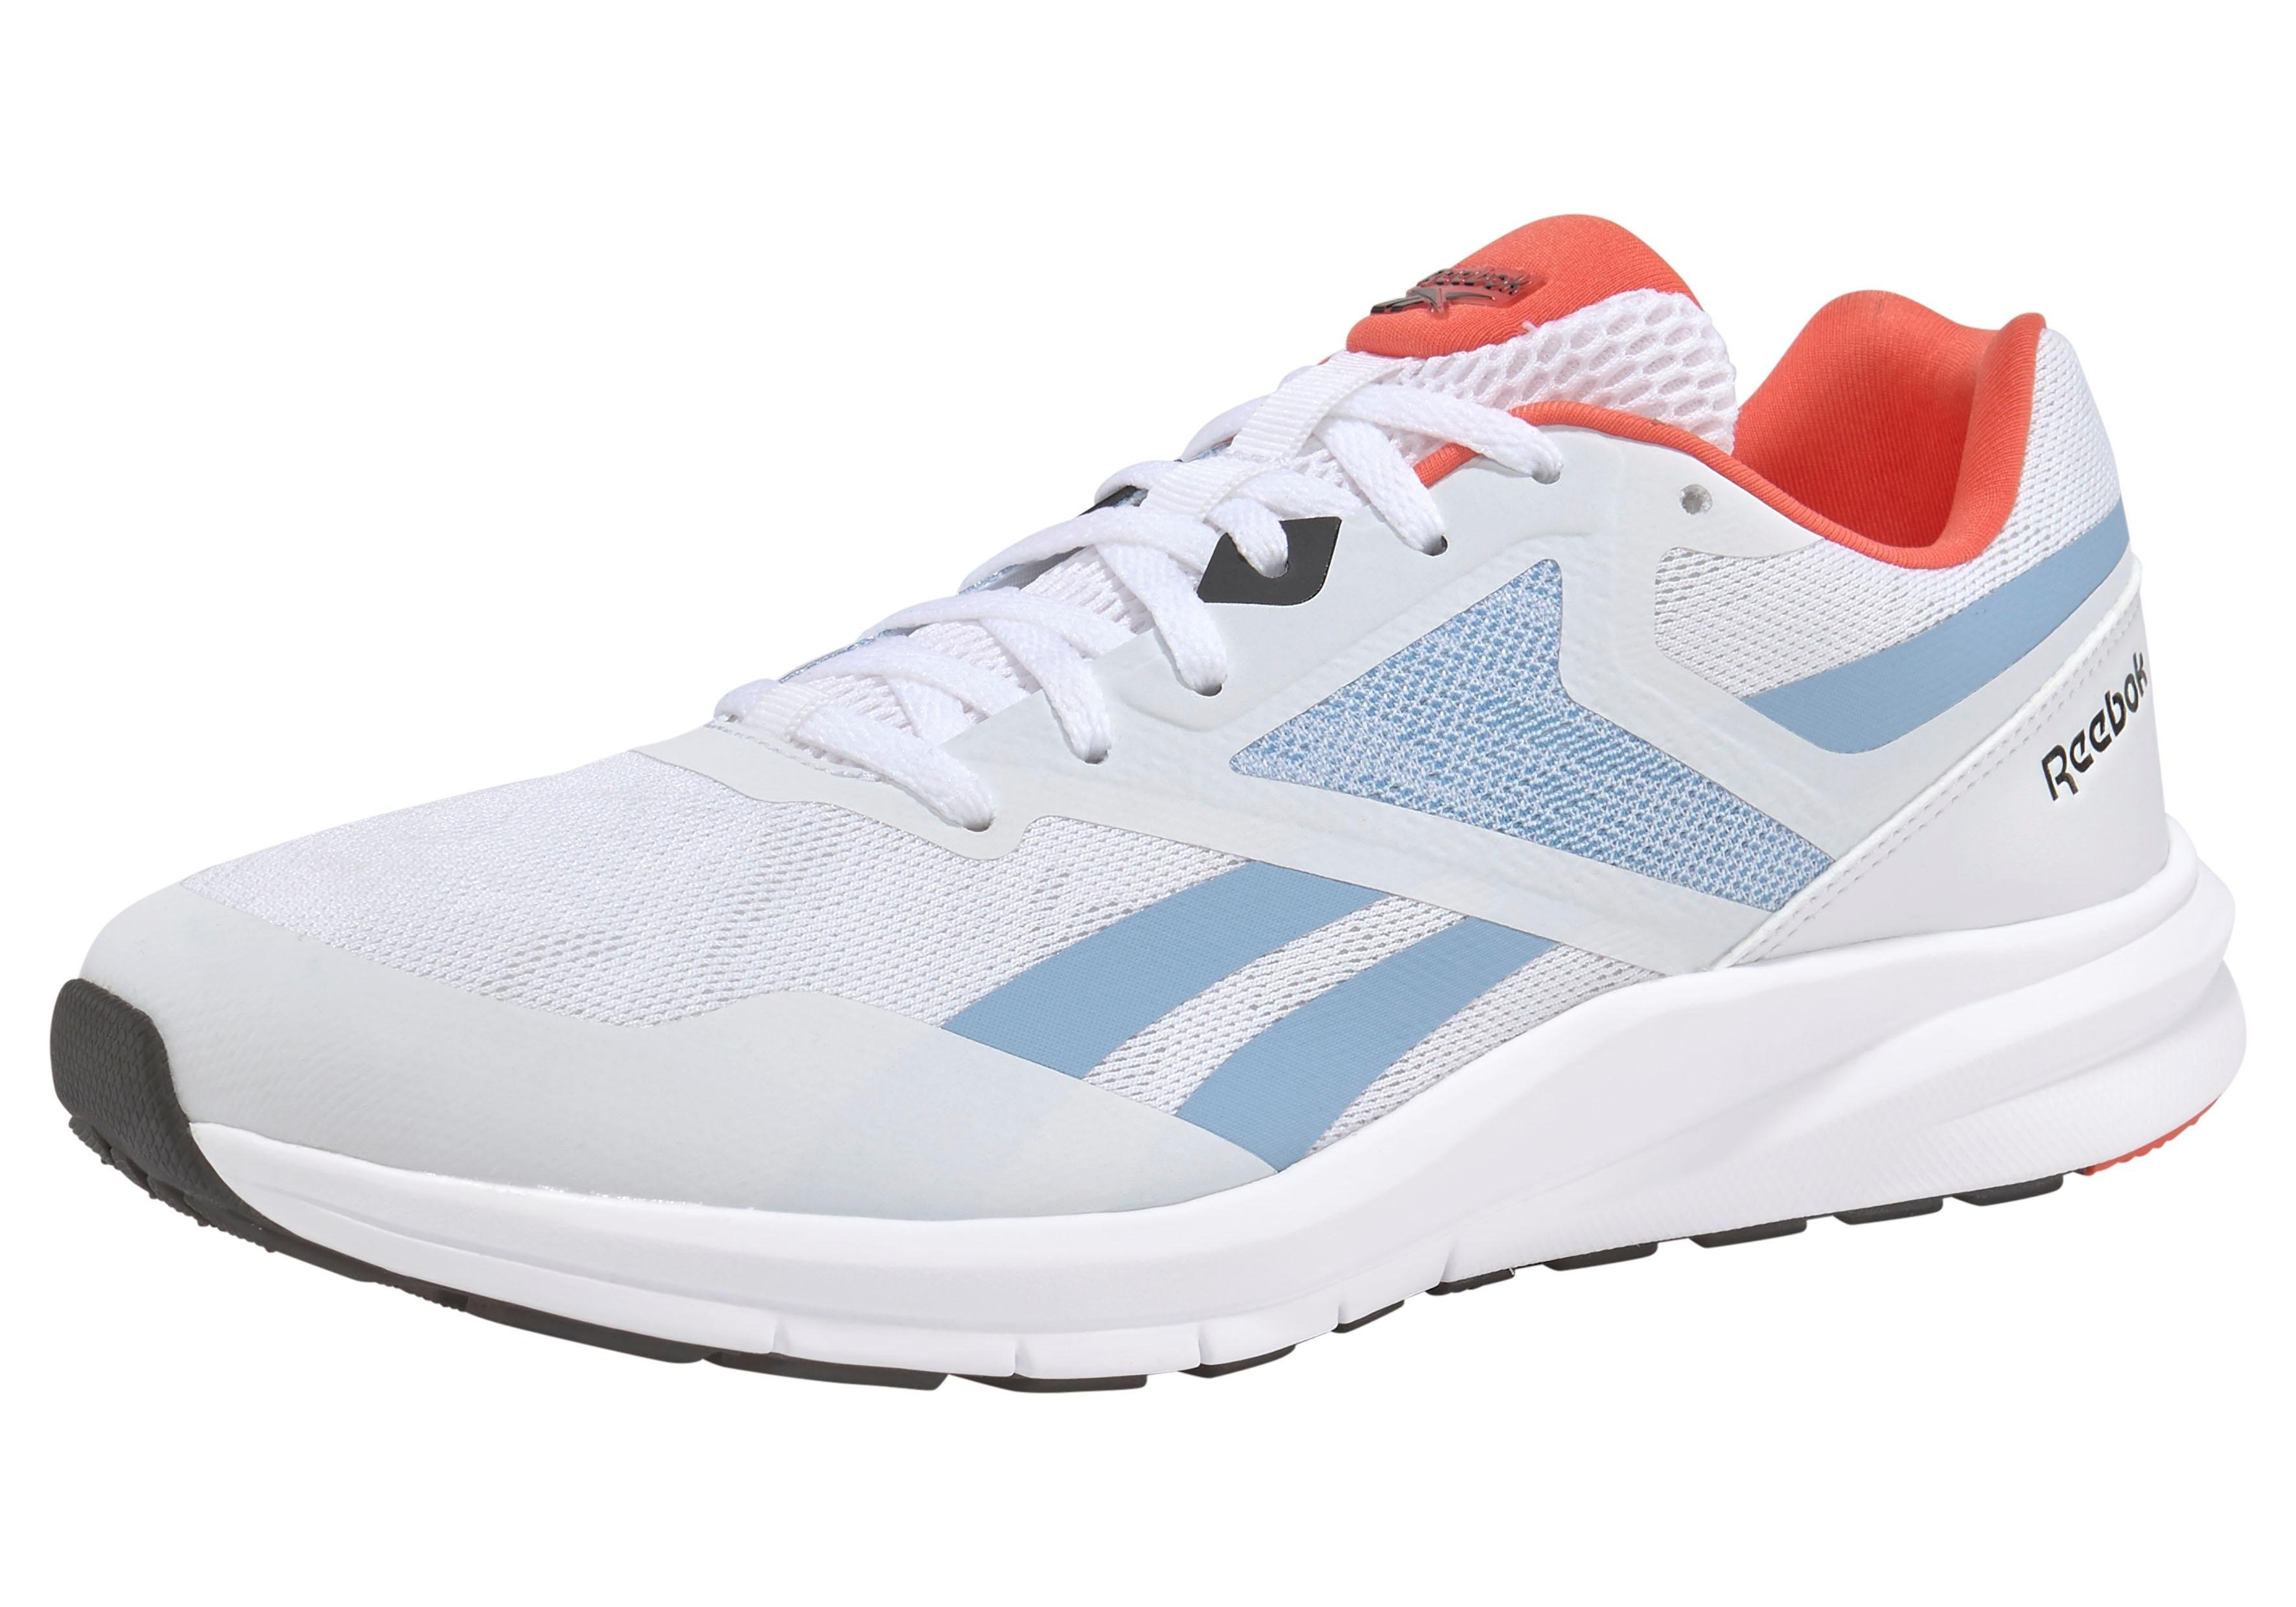 Reebok runningschoenen »RUNNER 4.0 M« nu online bestellen